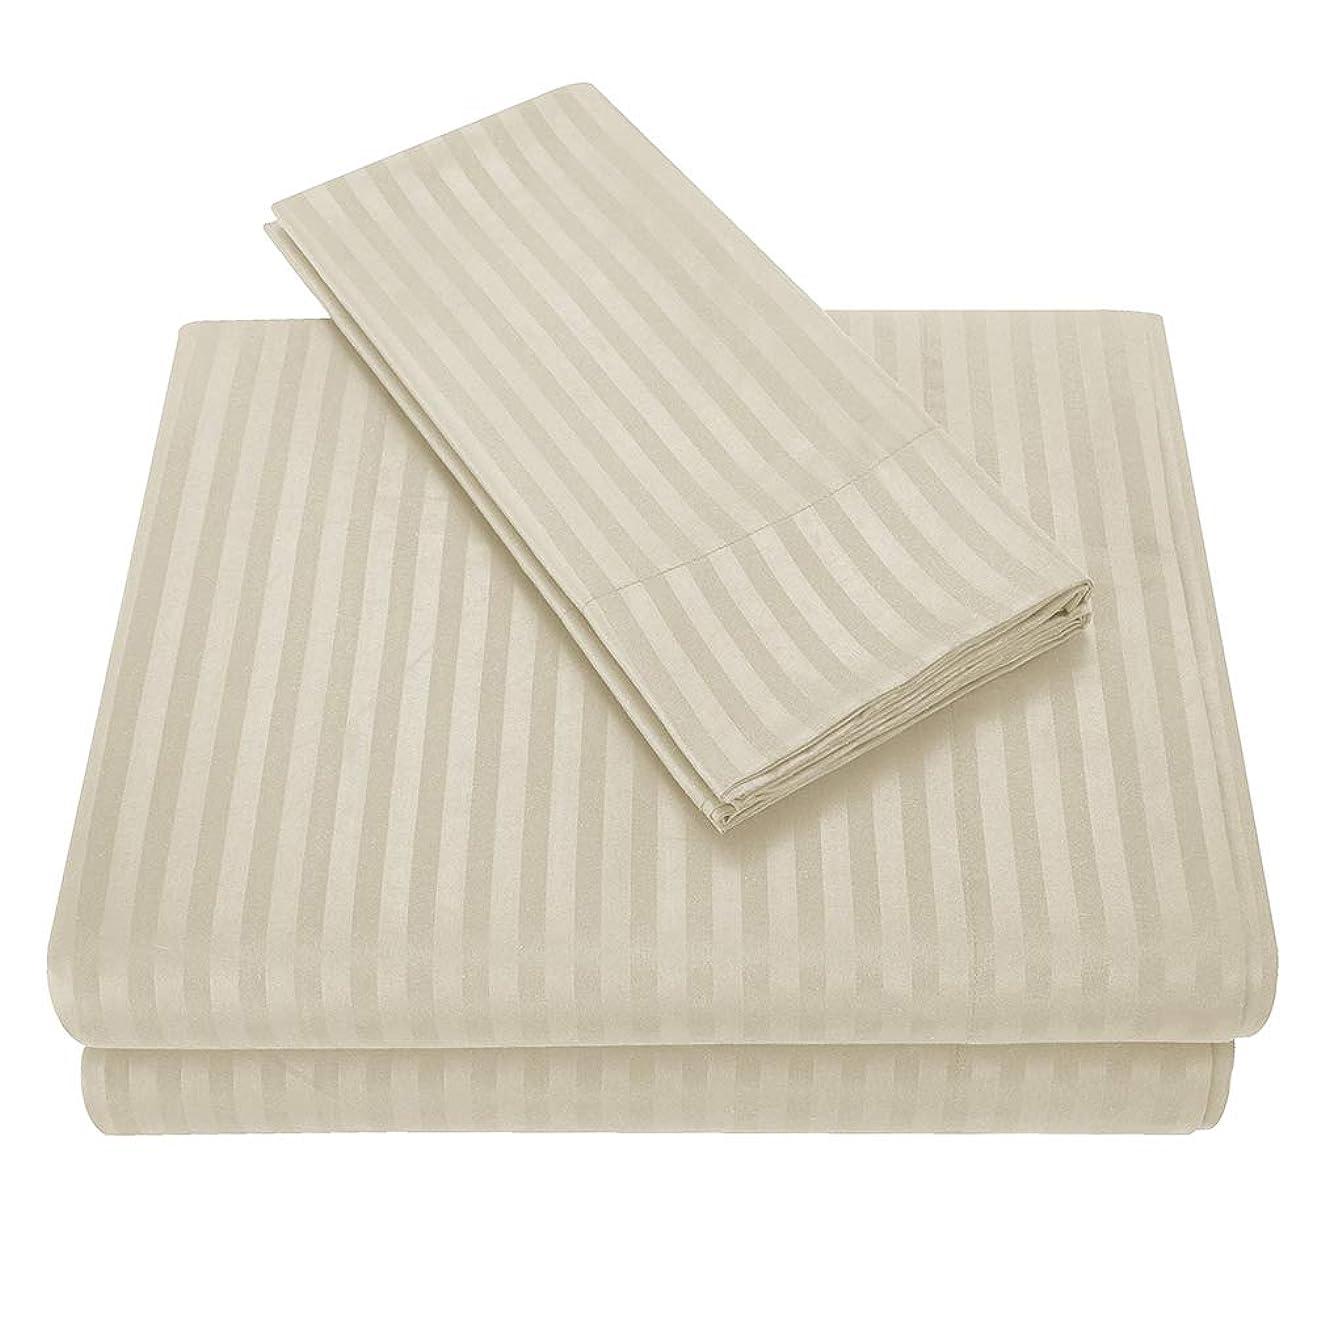 受益者センブランス制限するJK Home シンプル 寝具 セット 薄手 速乾 ボックスシーツ フラットシーツ 枕カバー ベットカバー ストライプ クリーム クイーン(4点セット)L